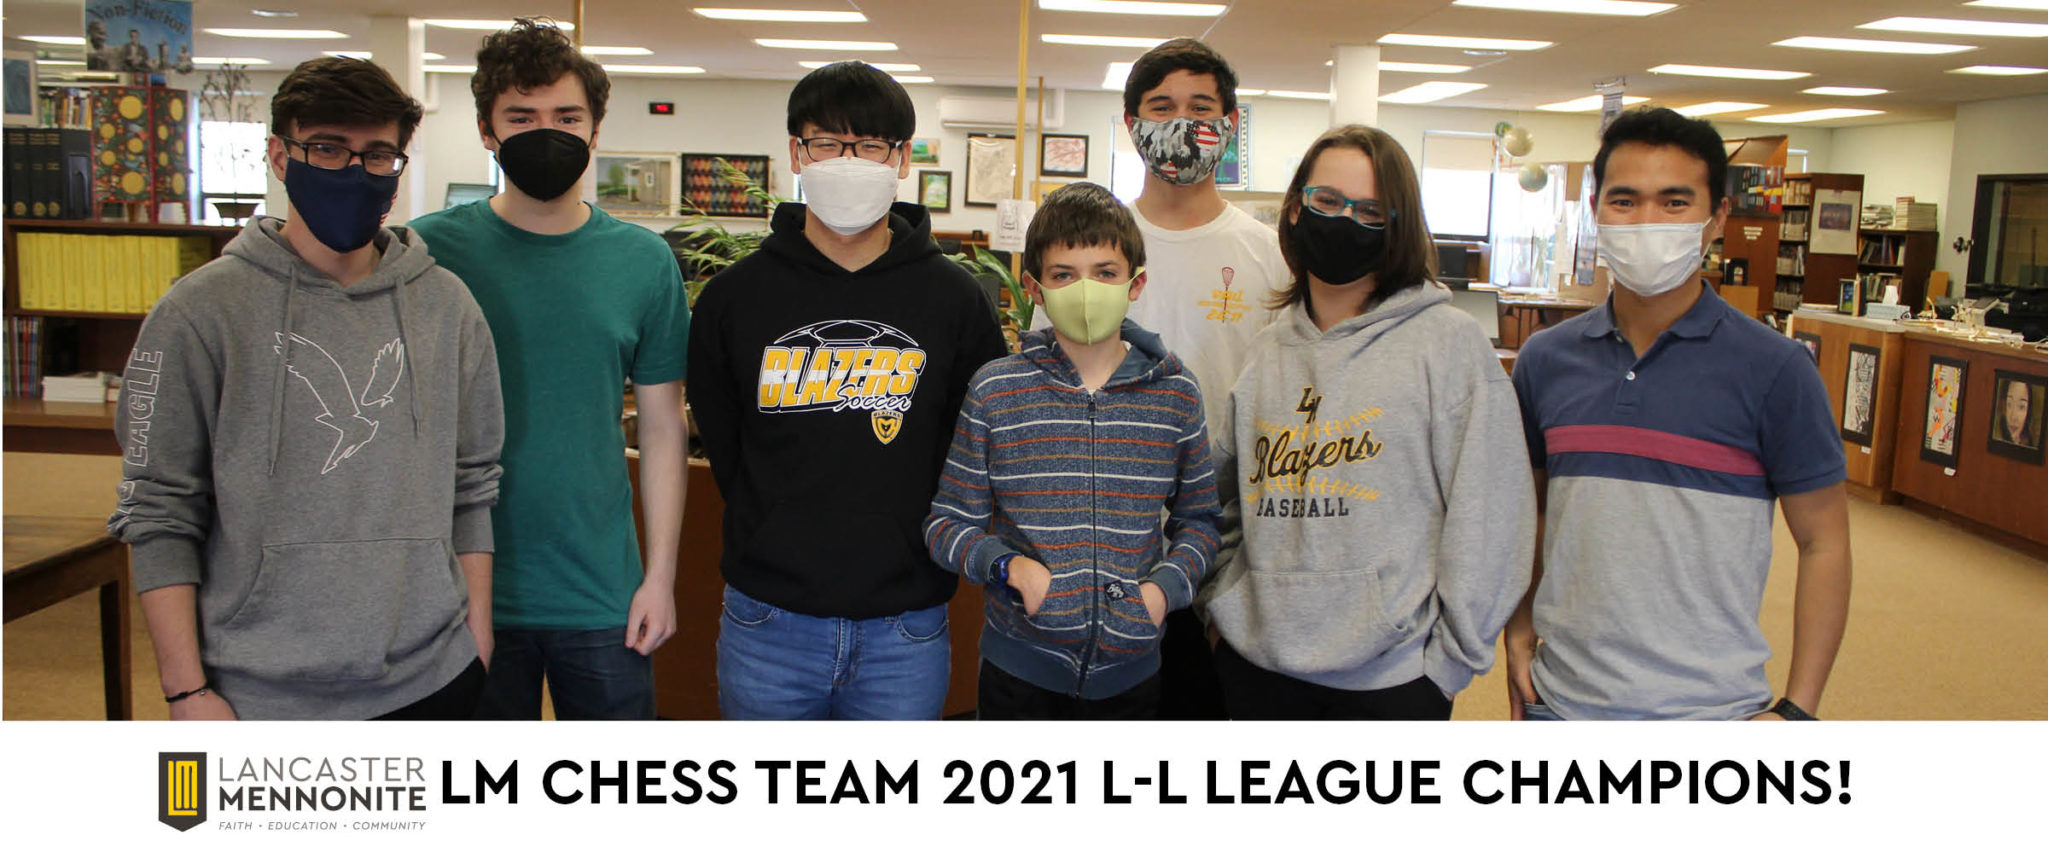 LM chess team 2021 L-L League winners